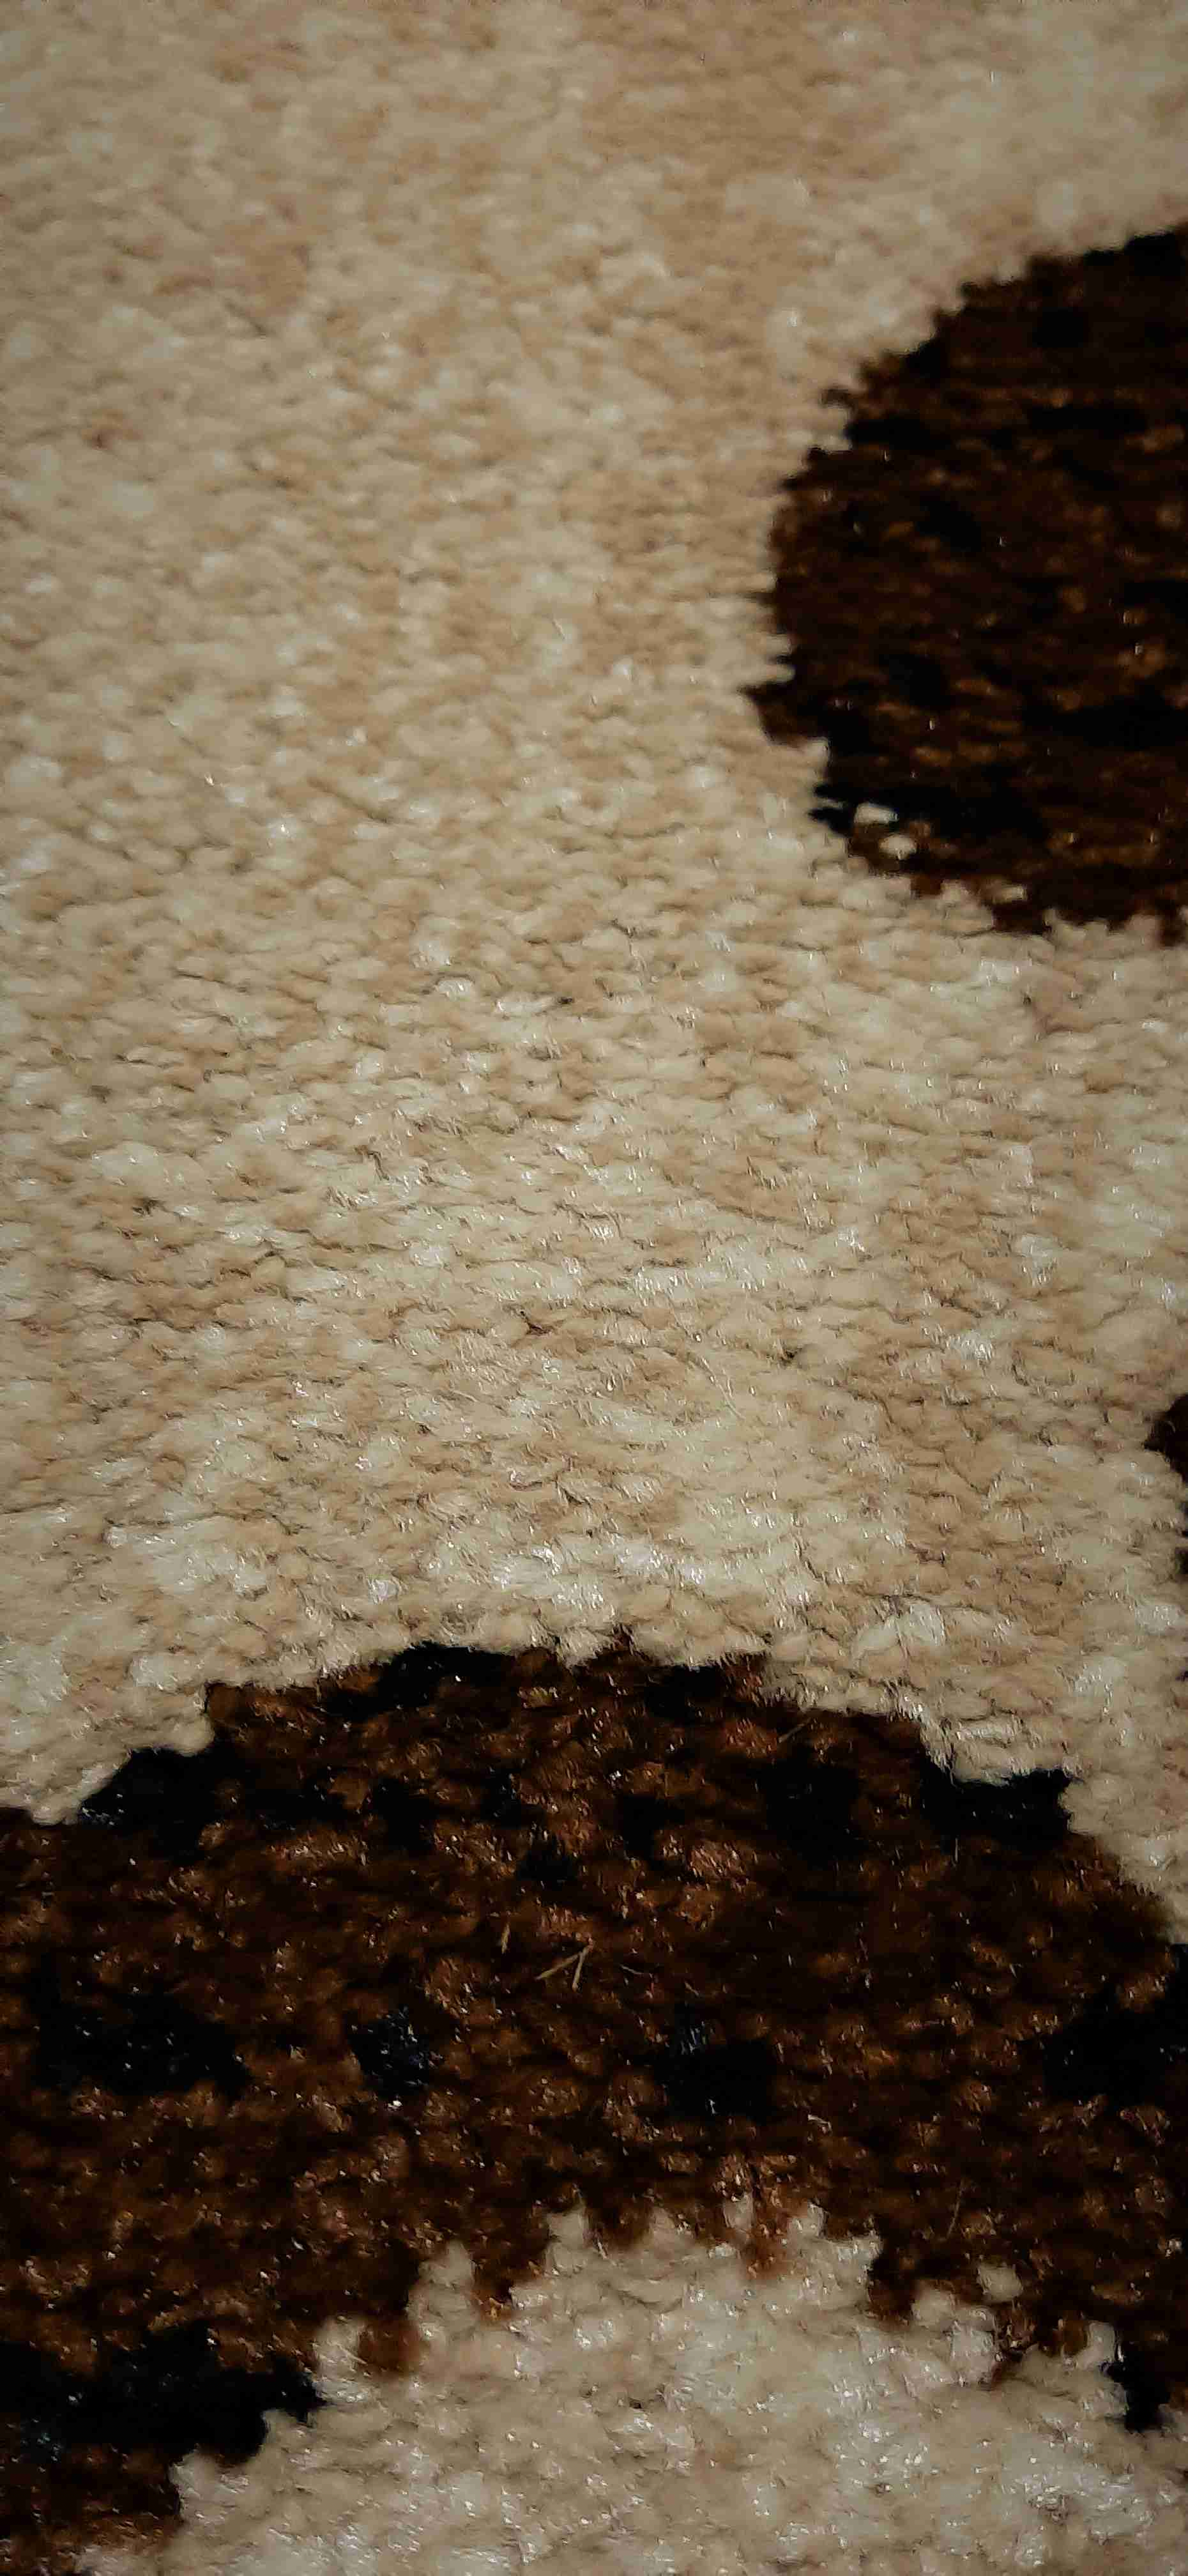 Traversa Covor, Cappuccino 16028-118, Bej / Maro, 100x600 cm, 1800 gr/mp 4